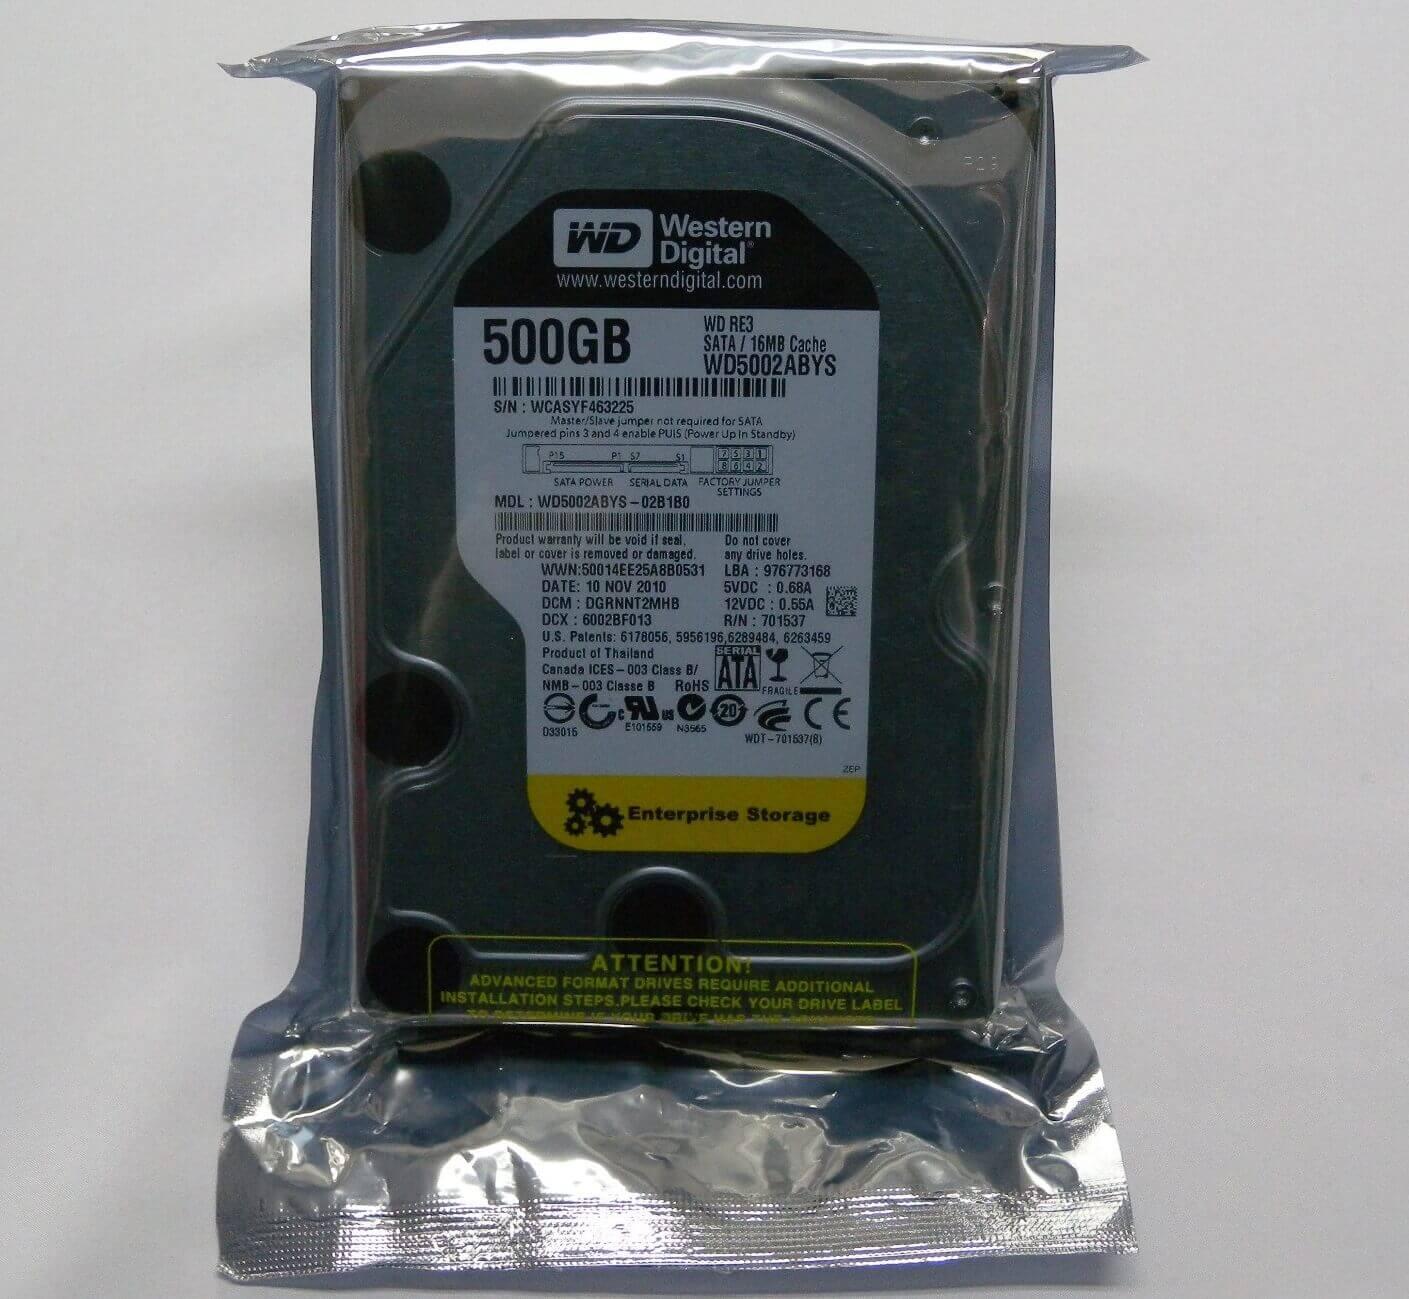 送料無料,Western,Digital,RE3,HDD,500GB,Sata,16MB,Cache,WD5002ABYS